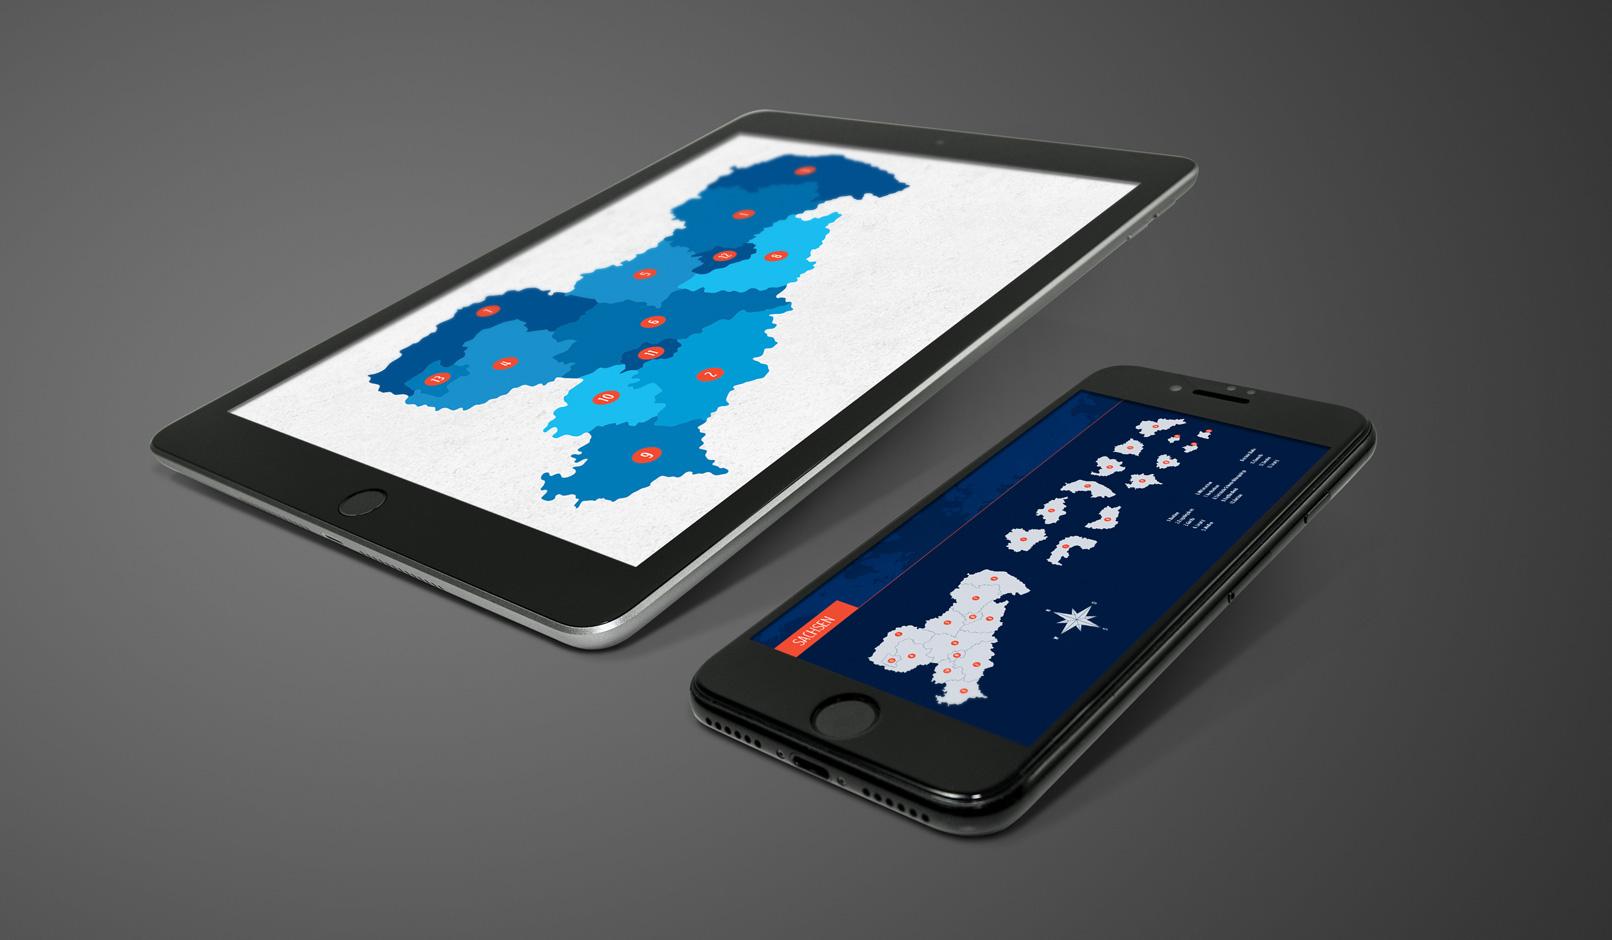 Tablet mit der Landkarte von Sachsen